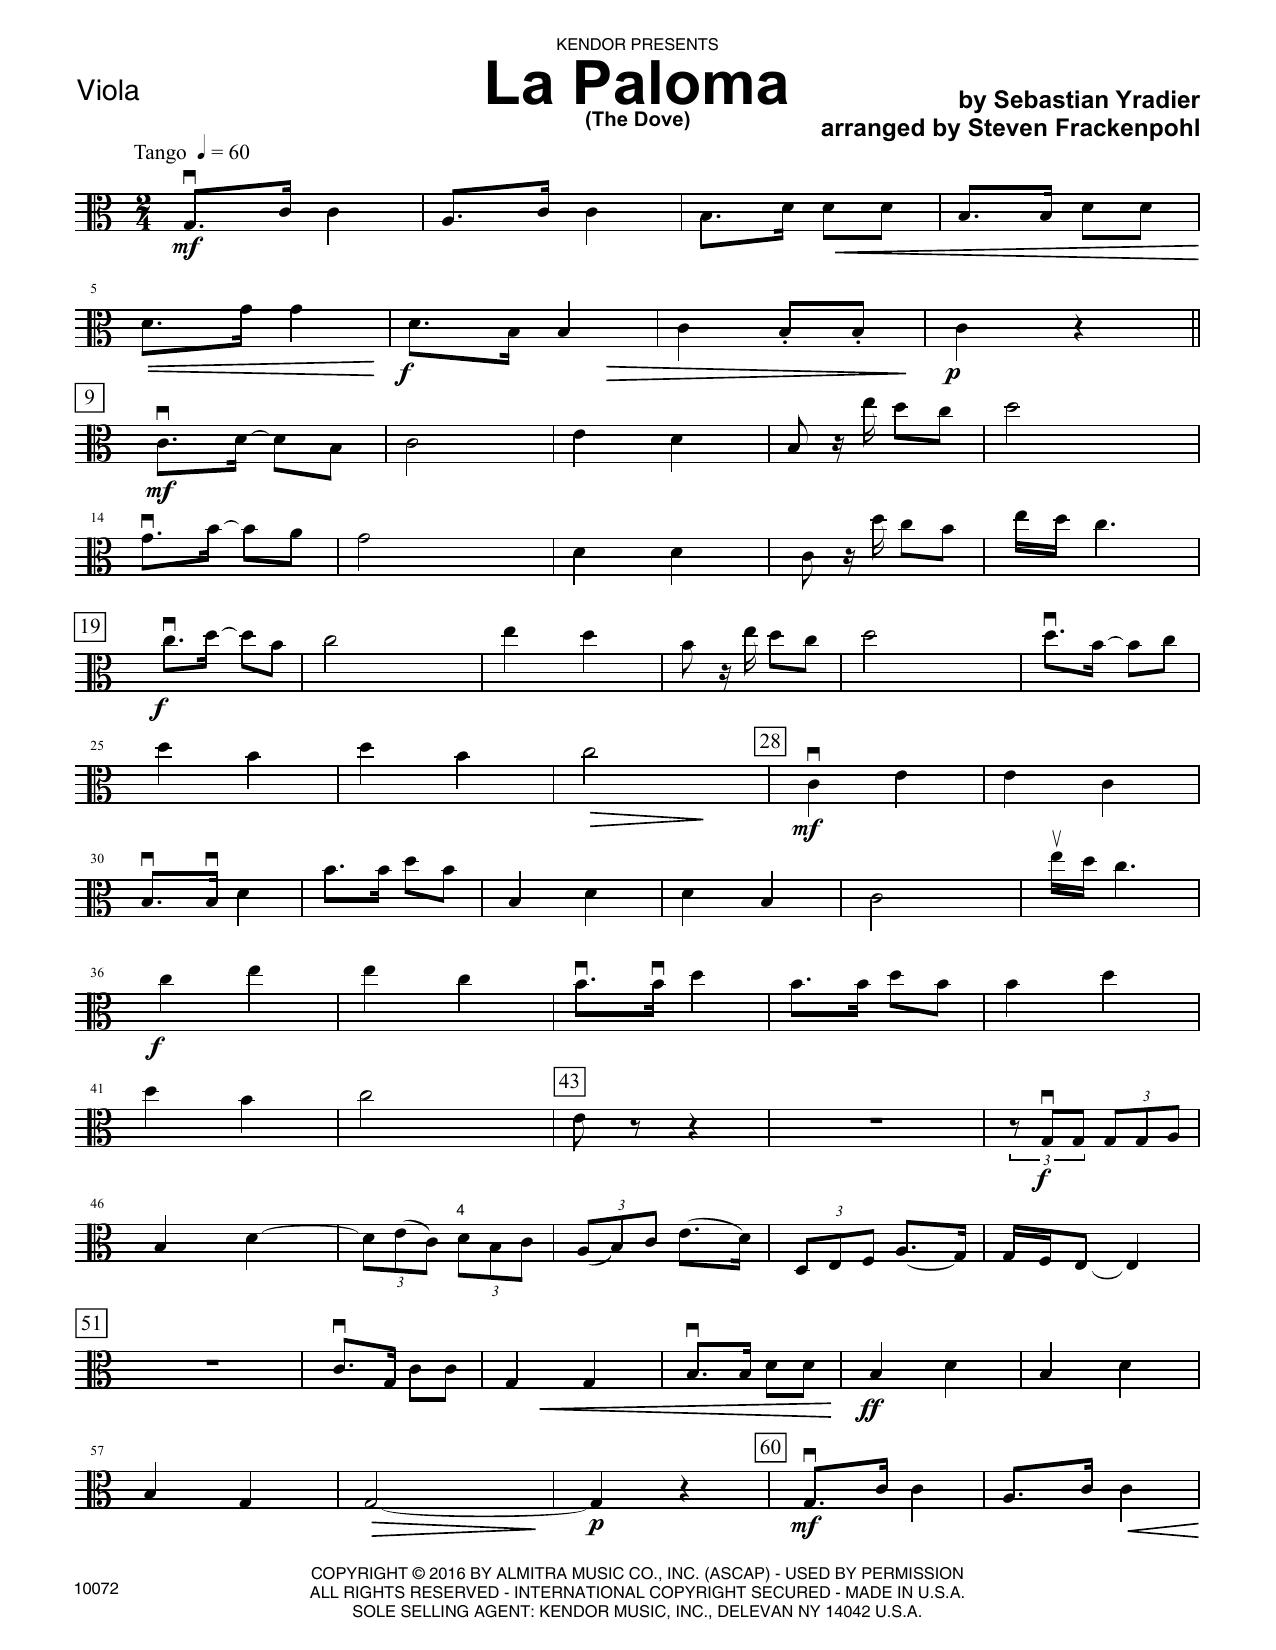 La Paloma (The Dove) - Viola